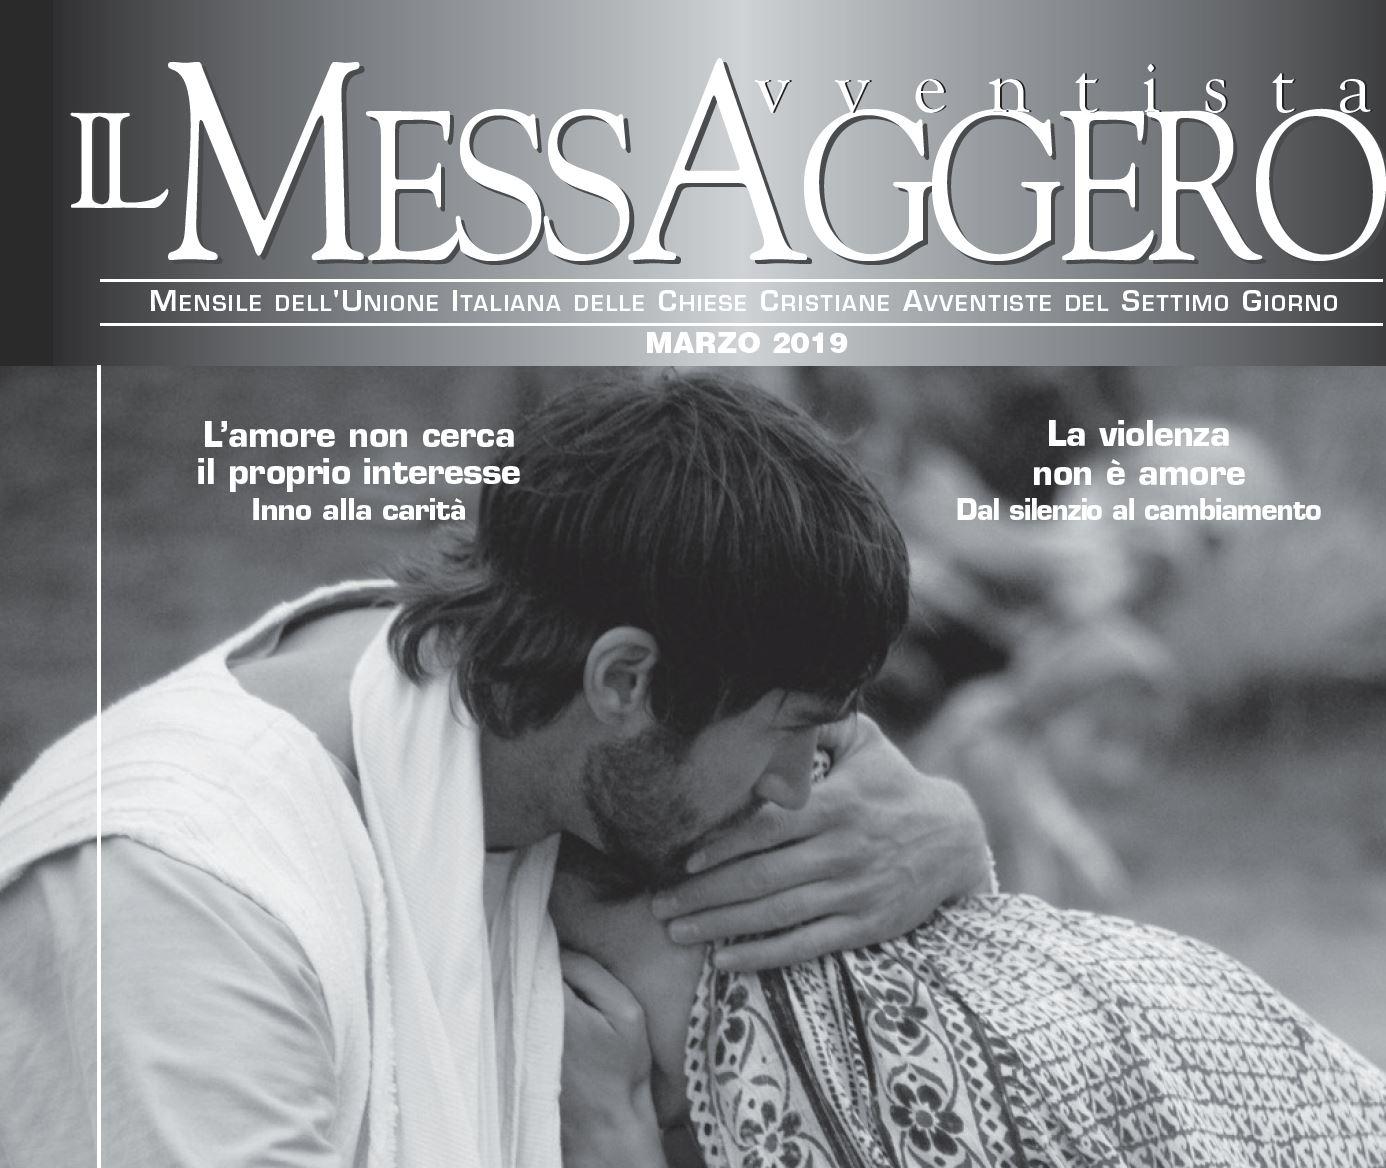 Messaggero - Mar. 2019